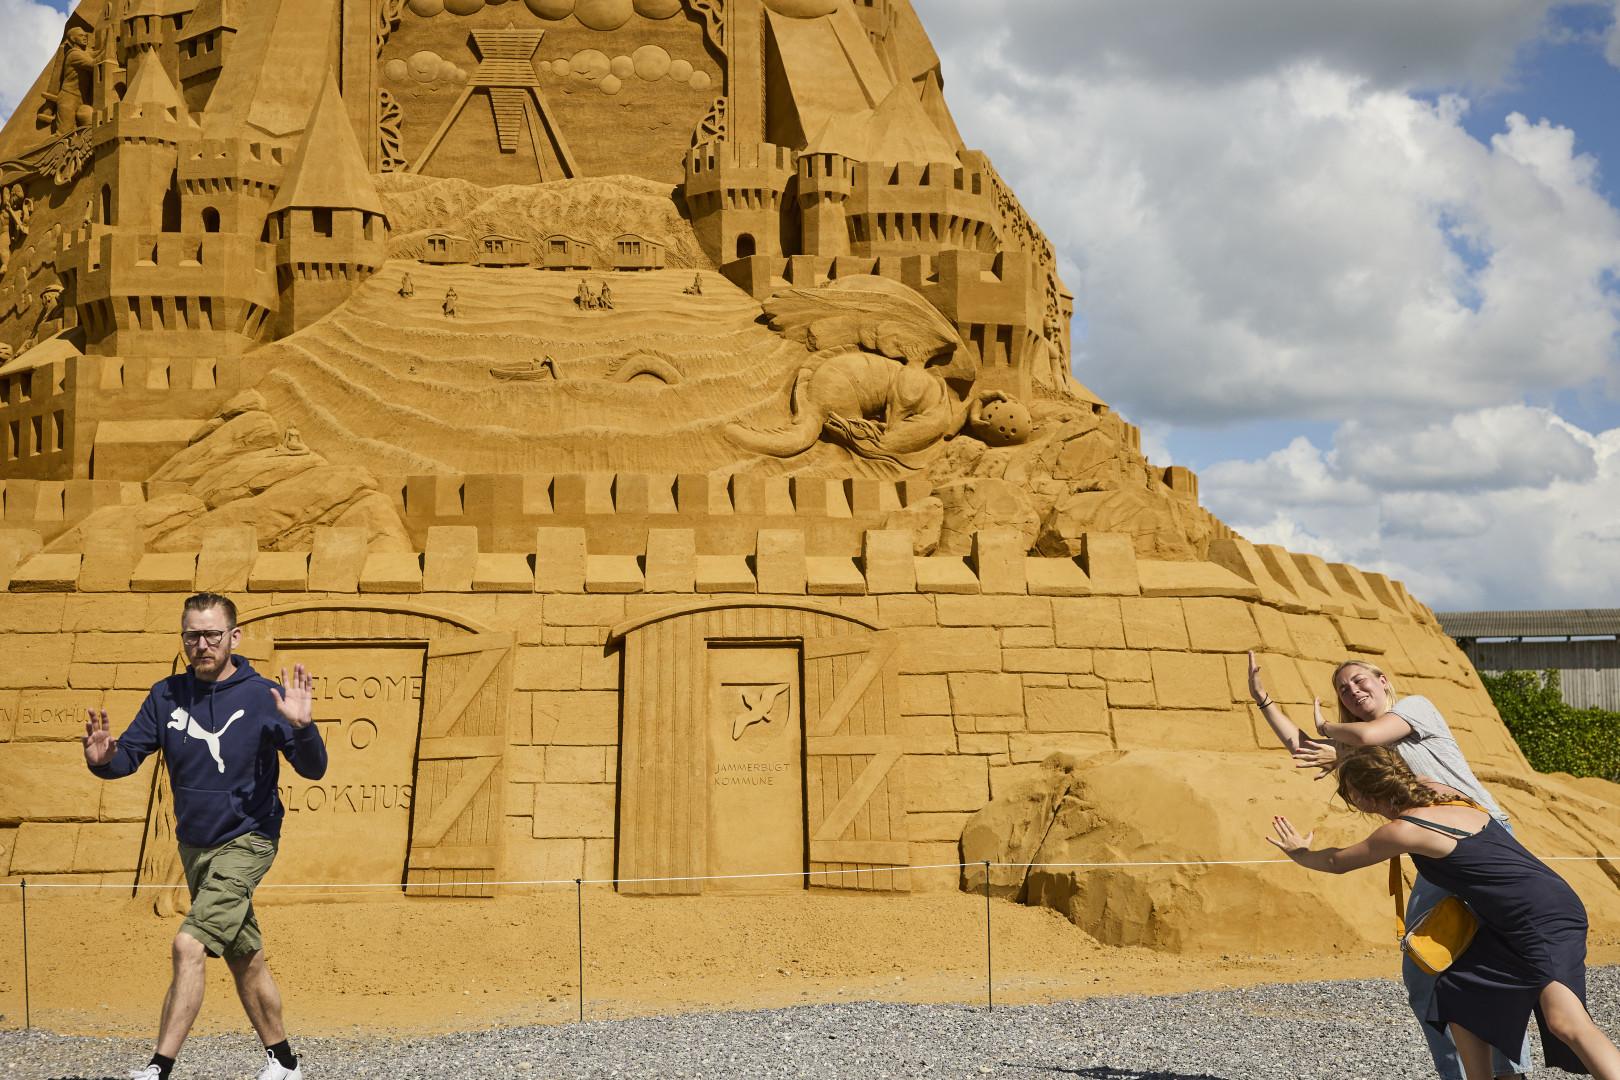 Les touristes sont nombreux à vouloir visiter cet impressionnant chef d'œuvre